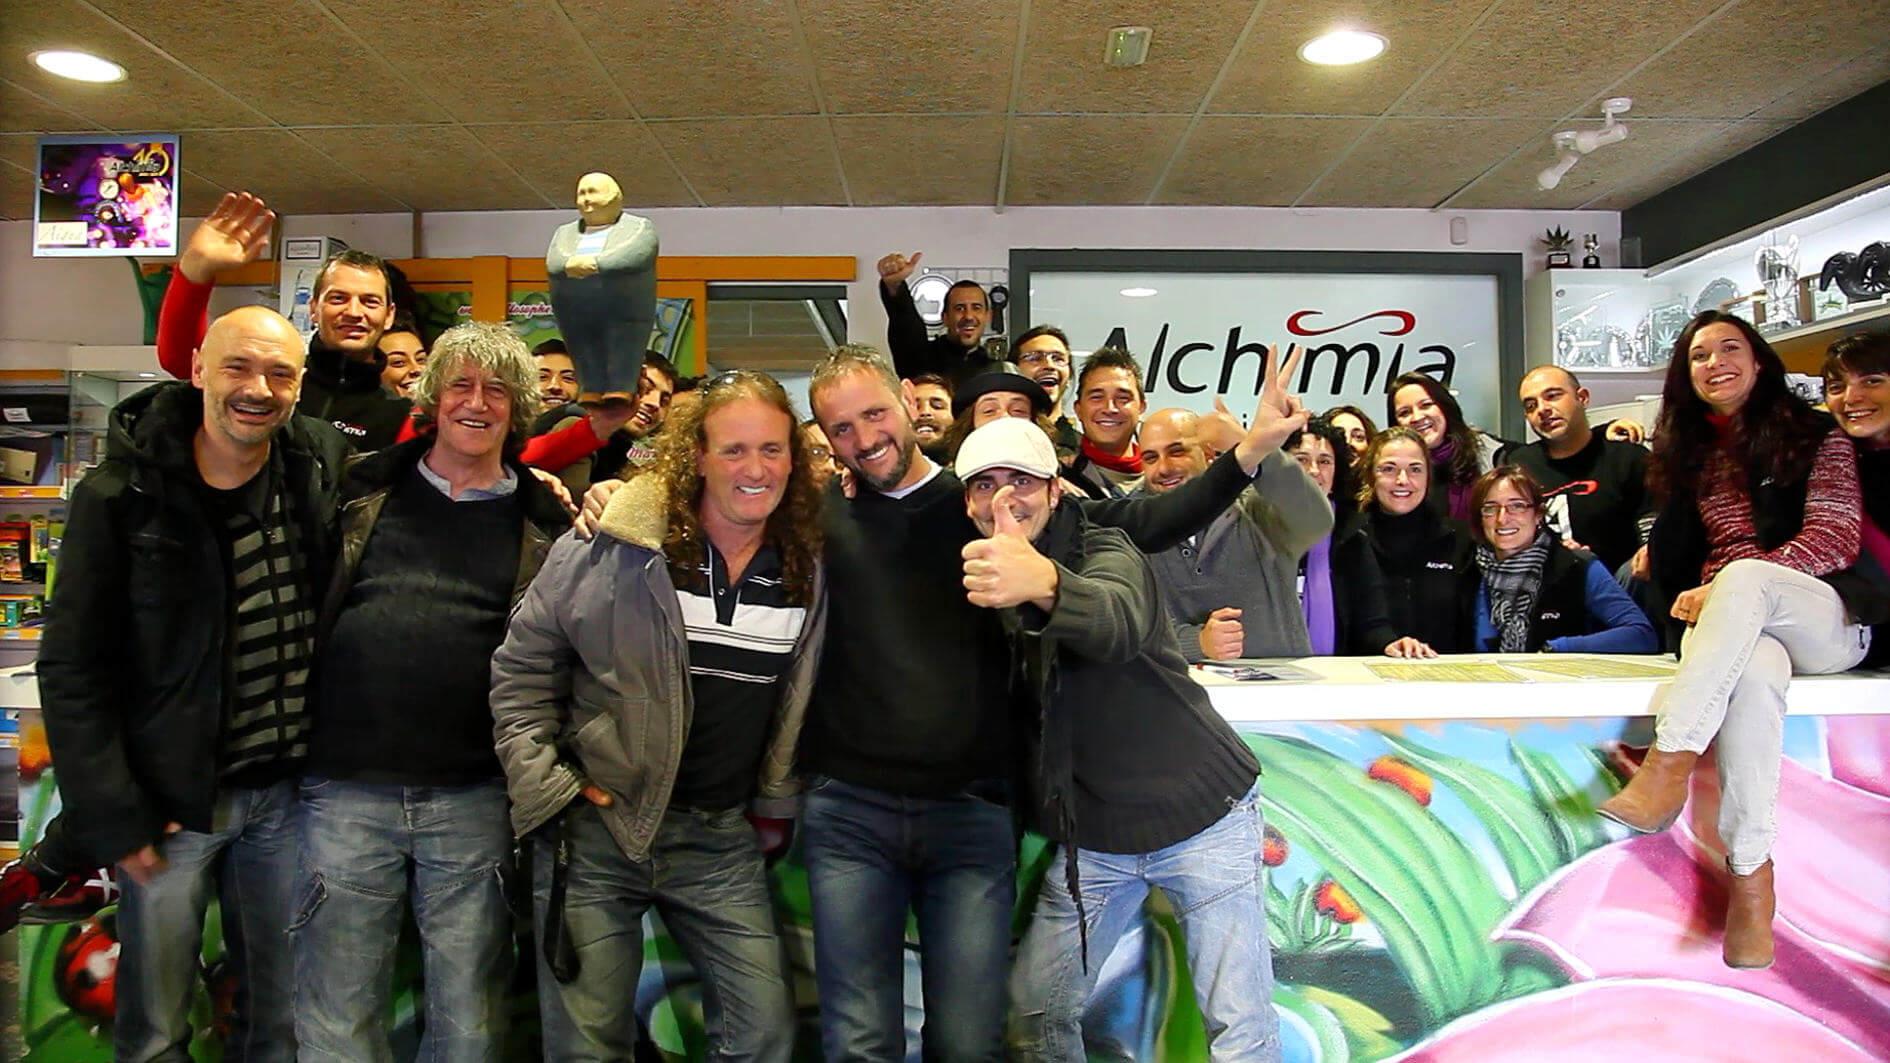 Visita de Mr. Nice y Shantibaba a Alchimia Grow Shop